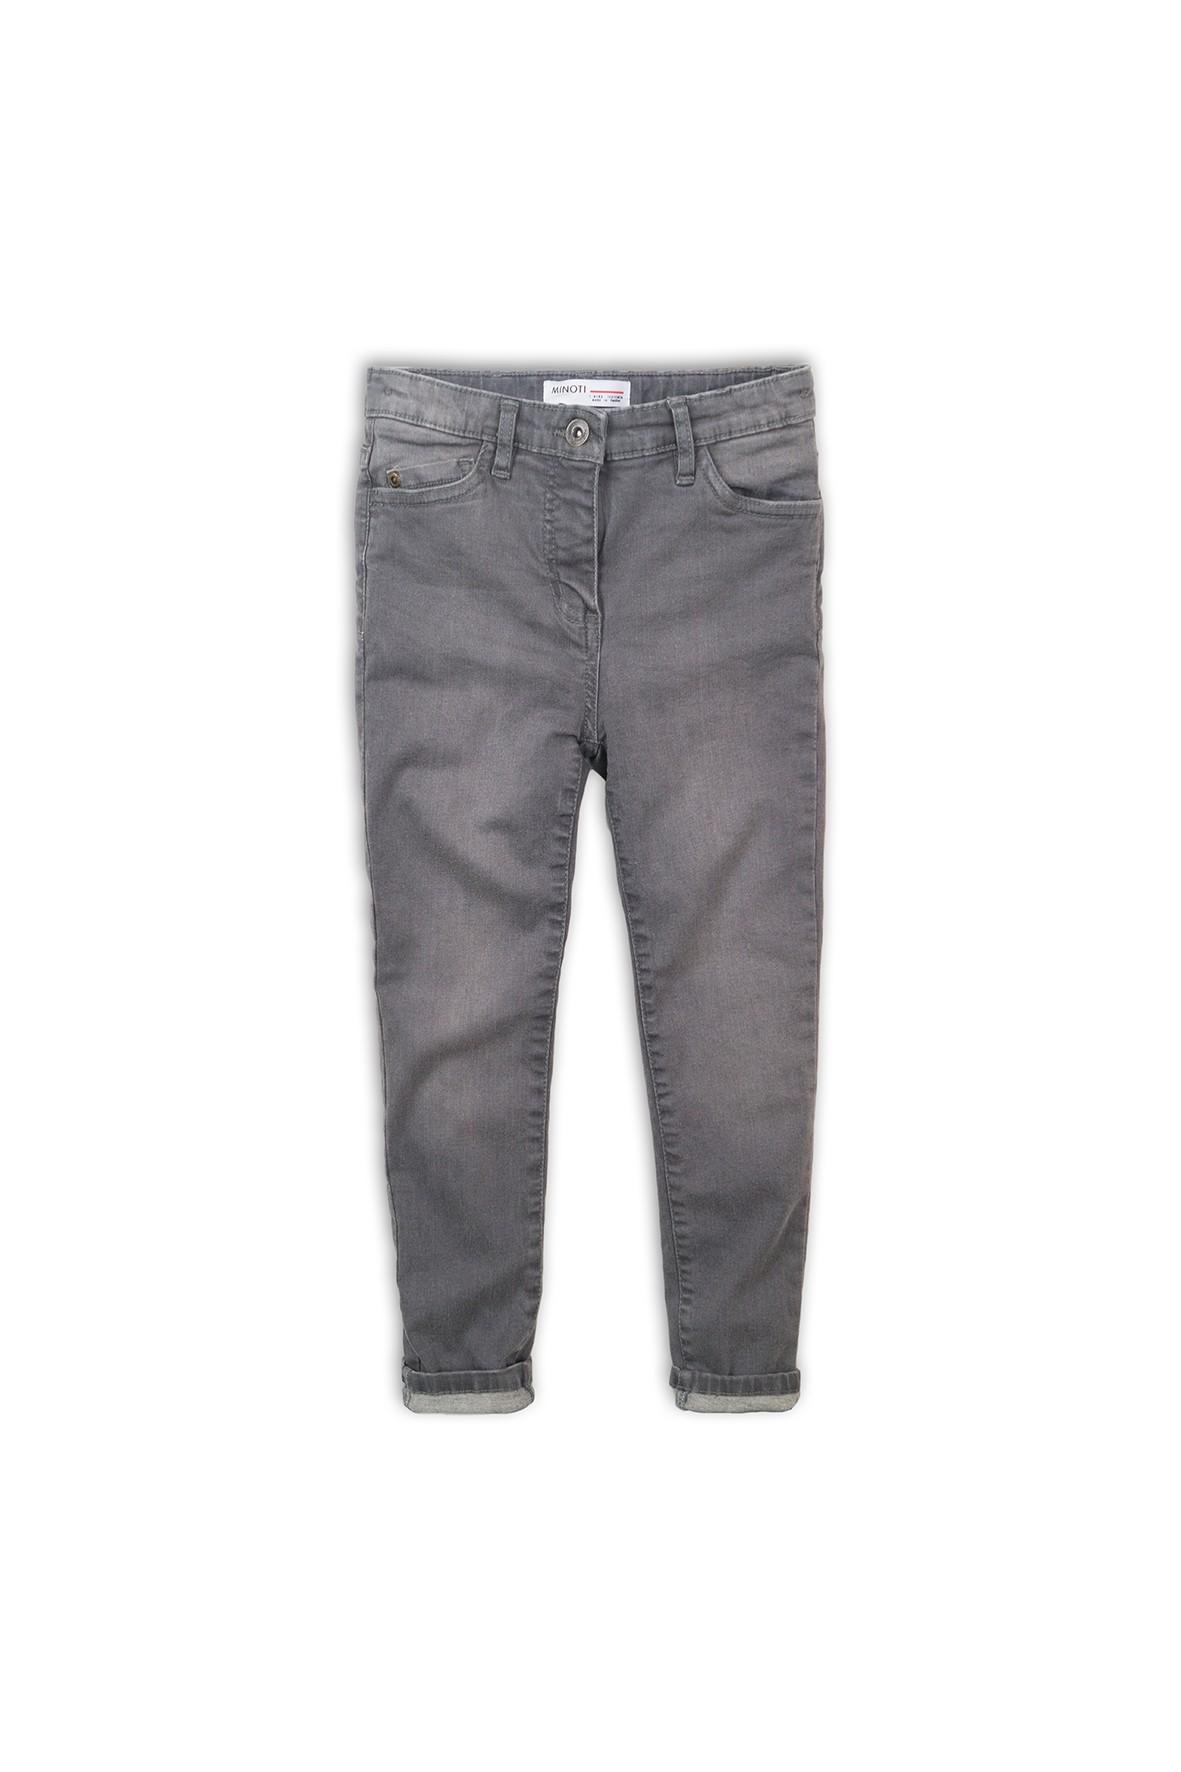 Spodnie chłopięce jeansowe szare